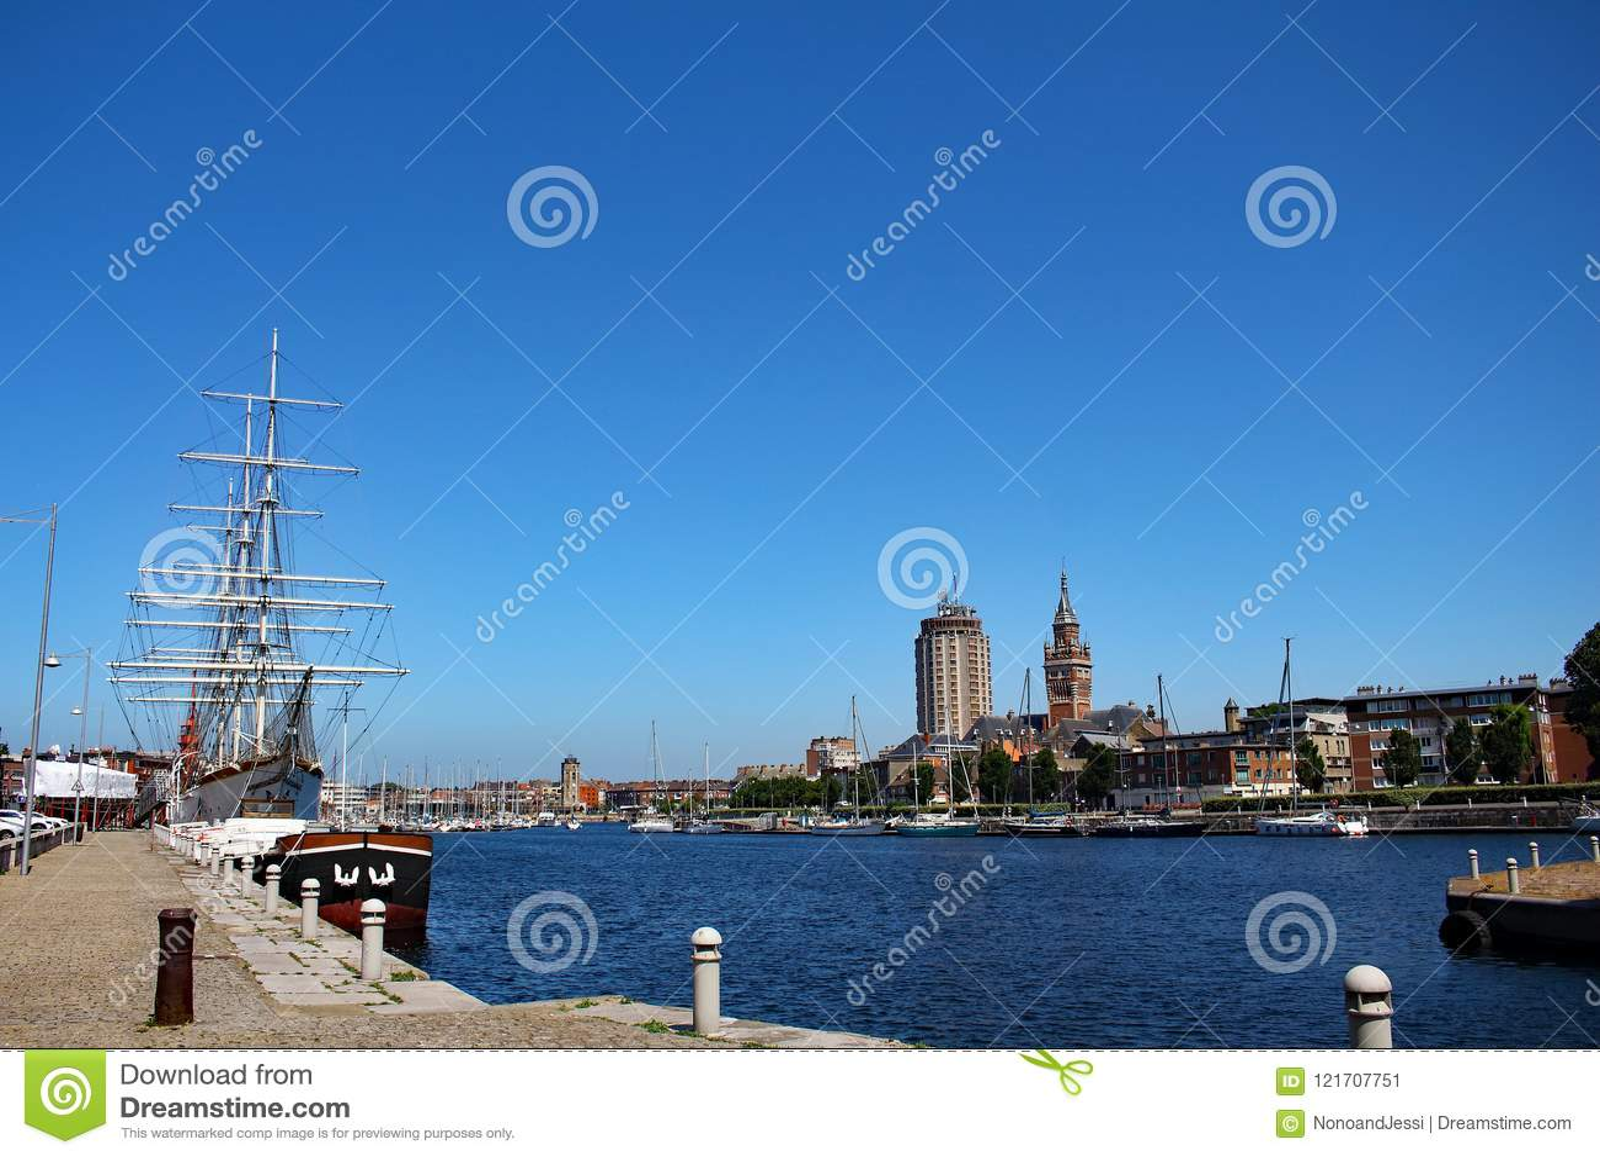 Sailboats and yachts moored at the marina of Dunkirk